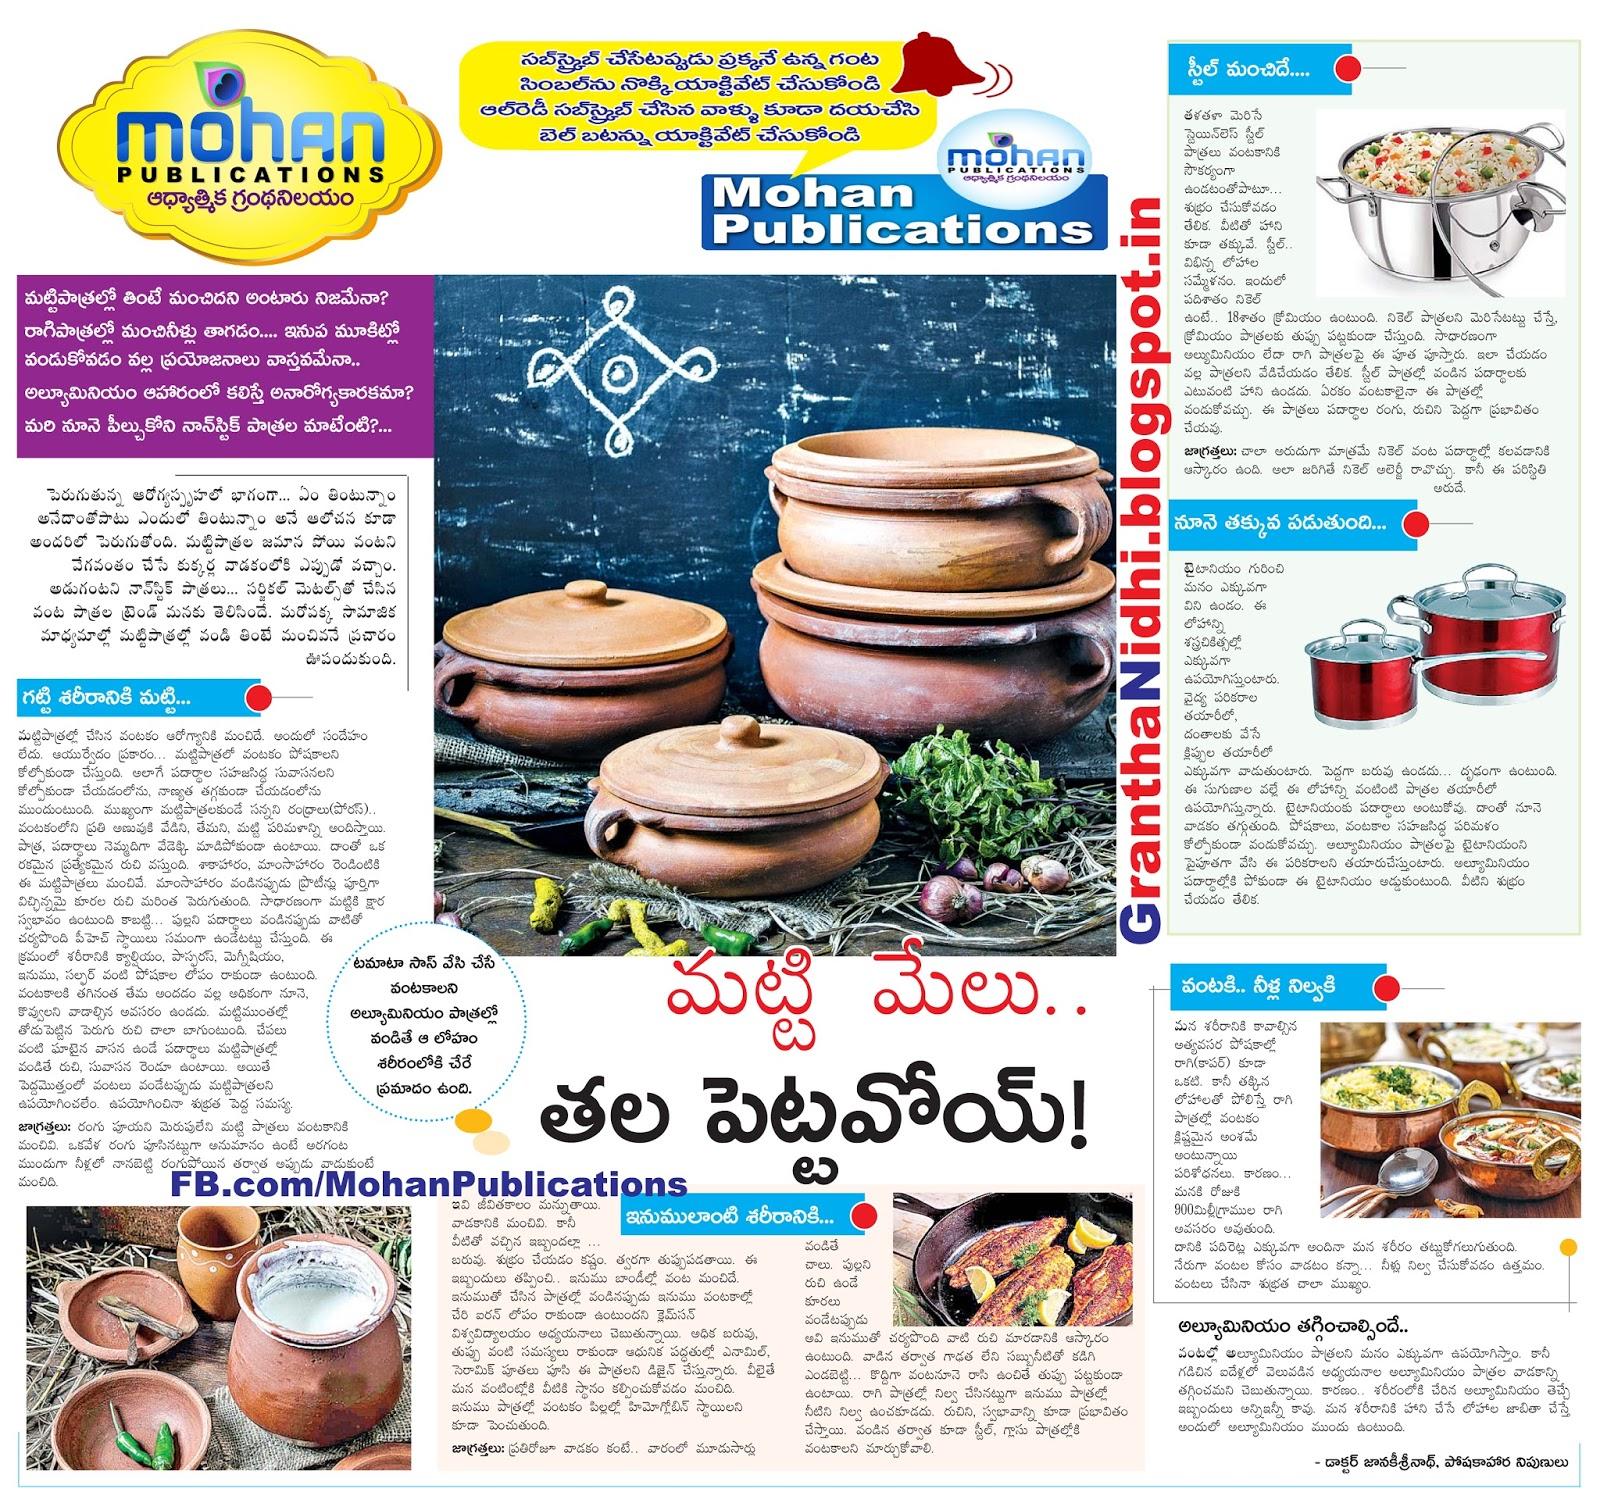 మట్టి మేలు..తల పెట్టవోయ్ClayKitchenwere Claypots Clayhomeware Clayclay kitchen set clay utensils clay pots for cooking BhakthiPustakalu Bhakthi Pustakalu BhaktiPustakalu Bhakti Pustakalu